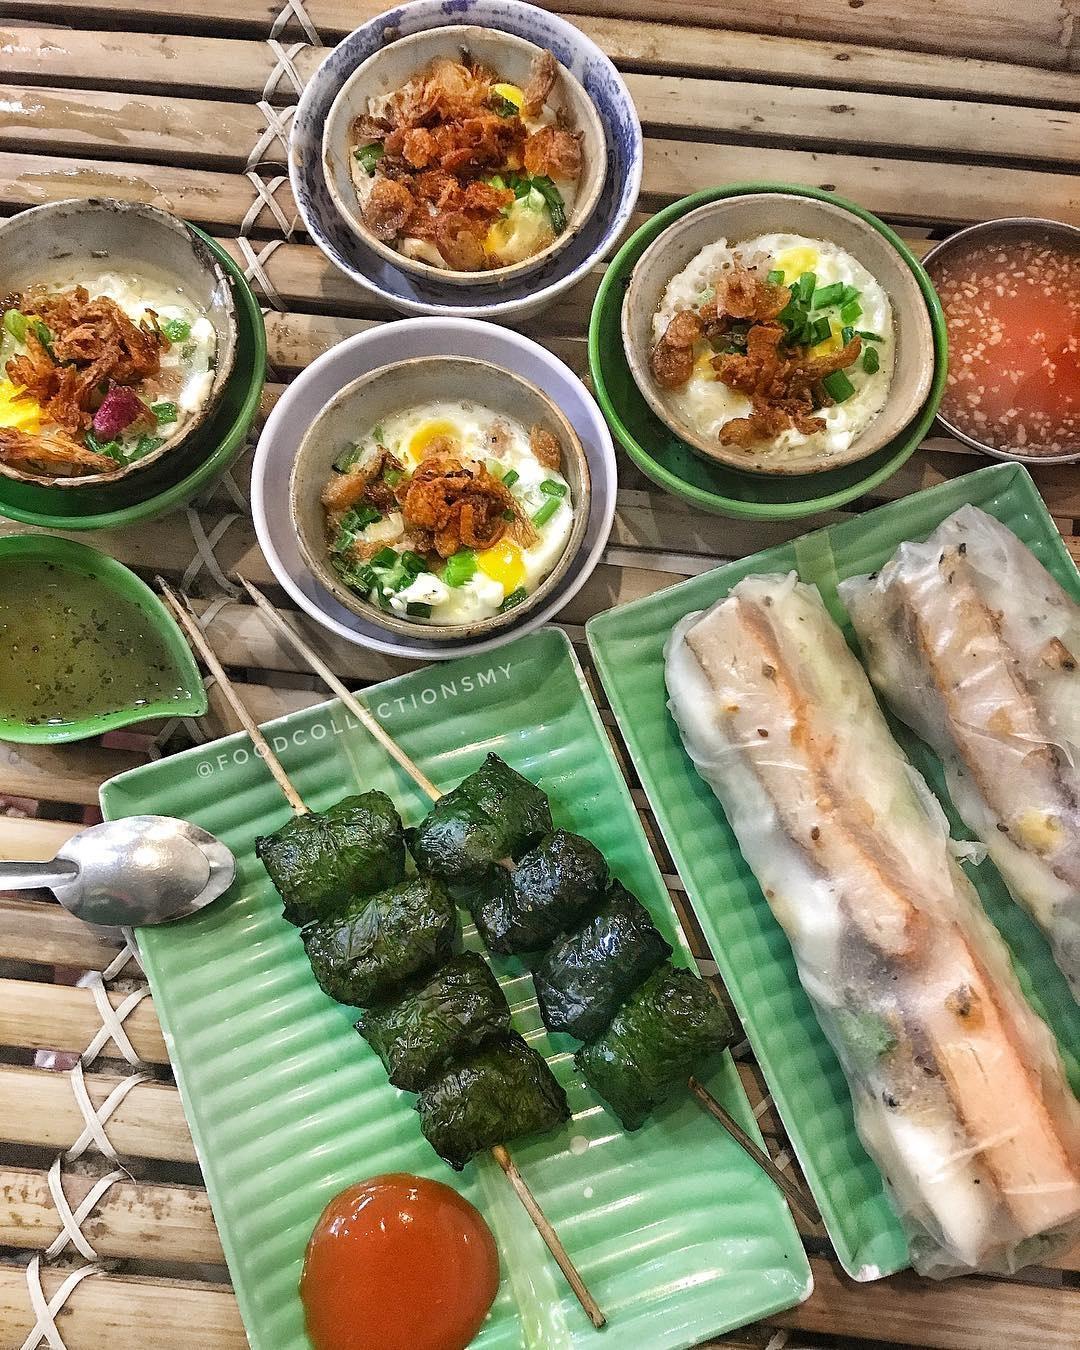 3 quán bán chén trứng cút nướng hút giới trẻ TP.HCM – Địa điểm ăn uống – monmientrung.com